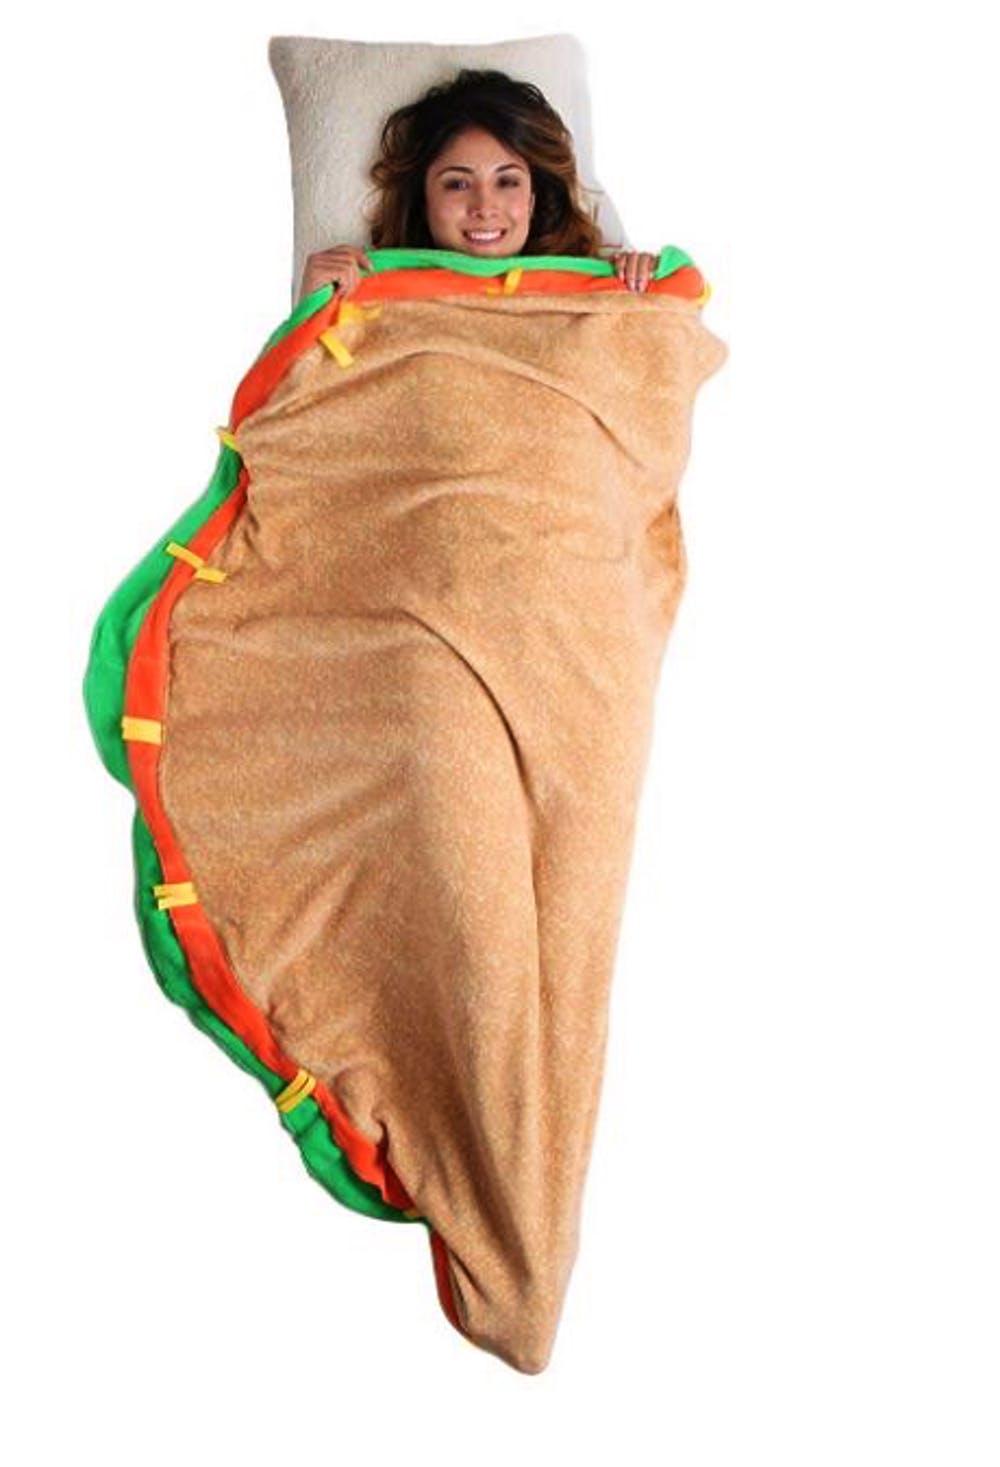 可以讓吃貨「在披薩裡爽爽睡」的耍廢睡袋新上市 冰淇淋款超夢幻!